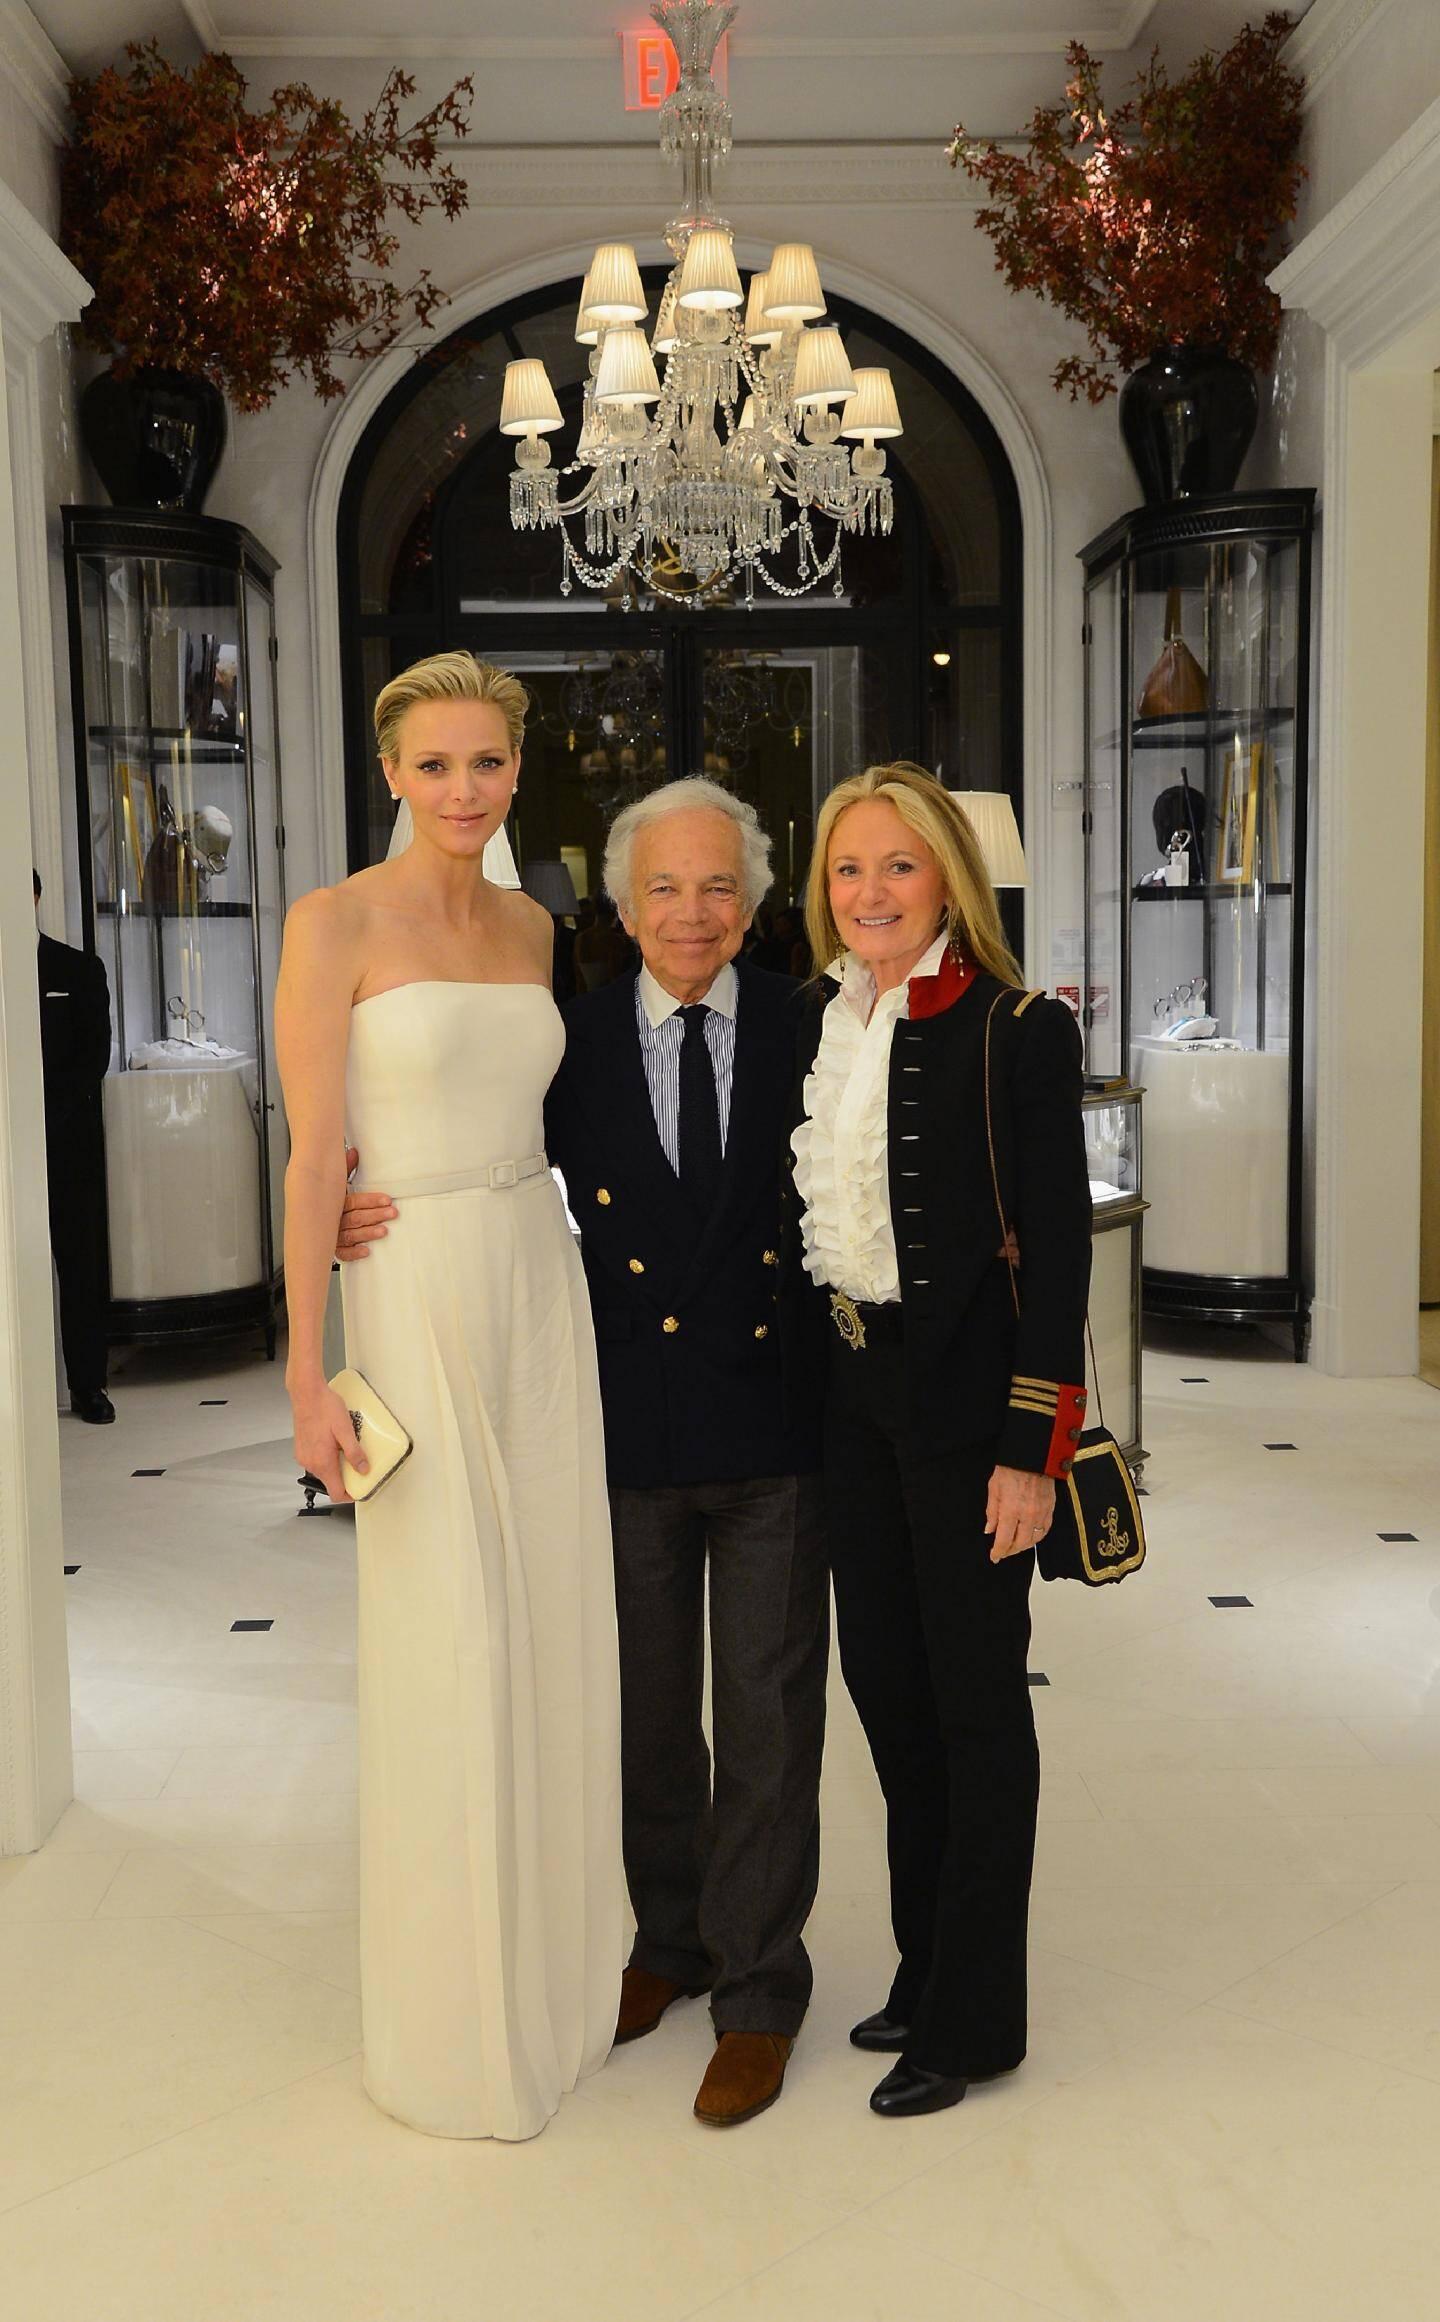 Lundi soir, la princesse Charlène a assisté à la projection de La main au collet . Événement organisé par Ralph Lauren, ici avec son épouse Ricky.